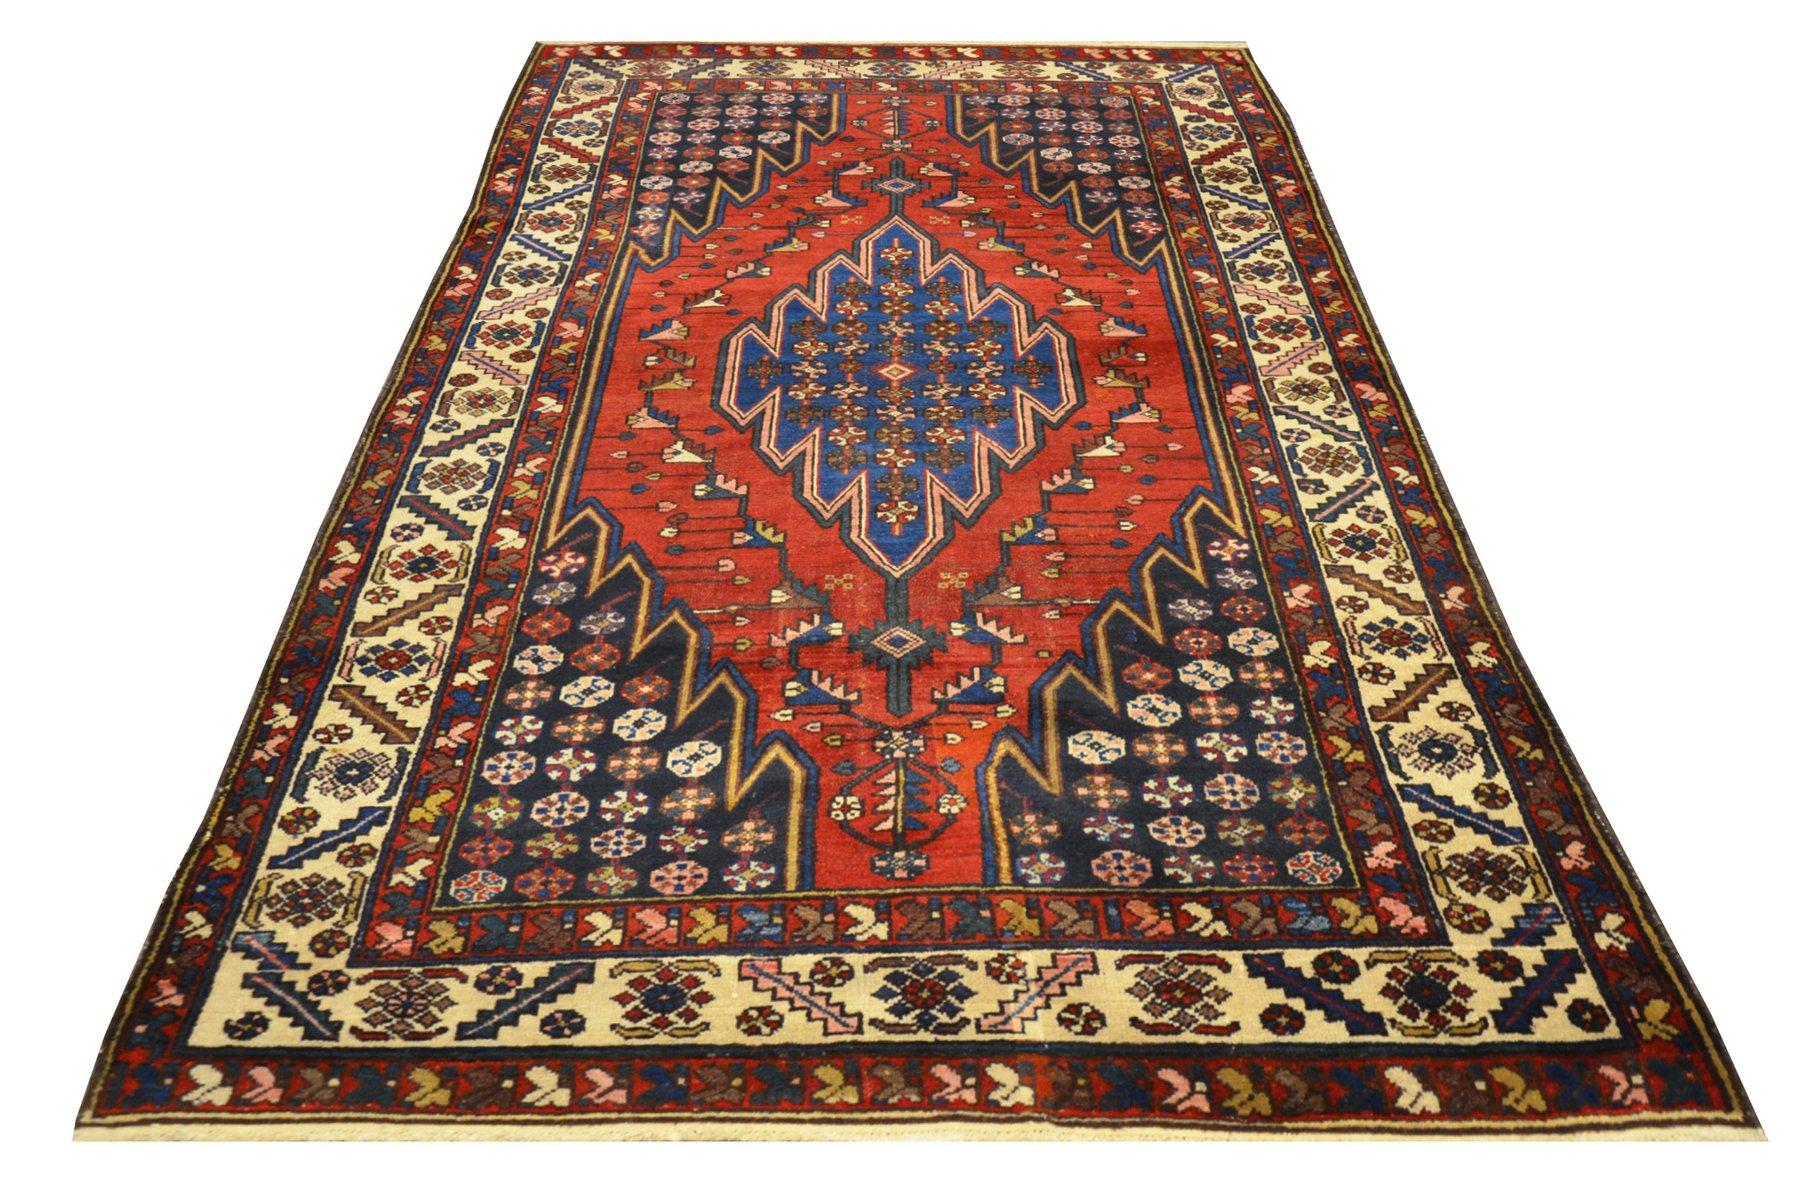 persischer sirjan teppich aus wolle in rot ber blauem hintergrund 1920er bei pamono kaufen. Black Bedroom Furniture Sets. Home Design Ideas